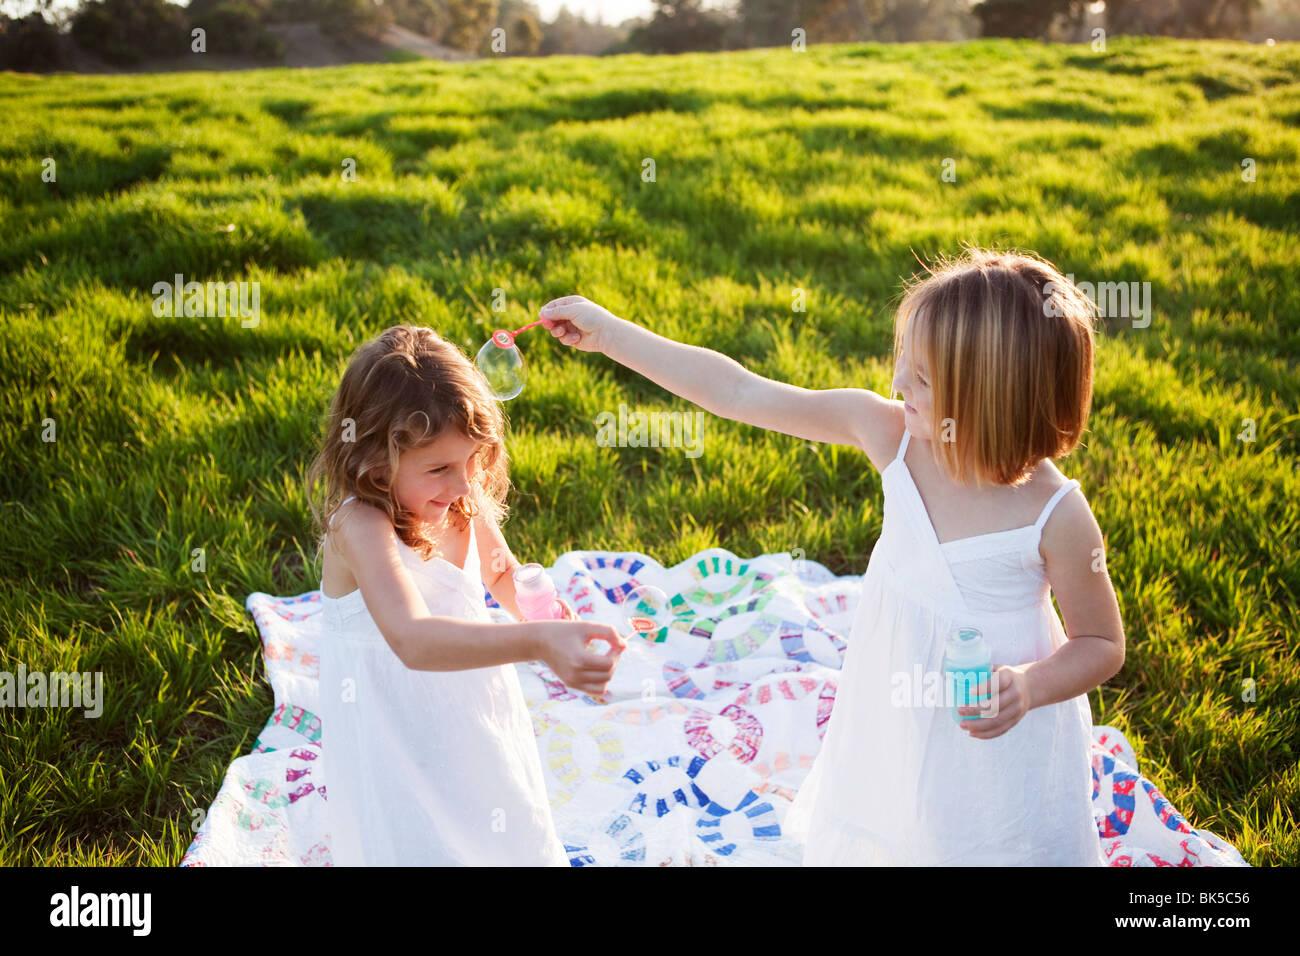 Mädchen auf der Picknickdecke mit Bubbles spielen Stockbild